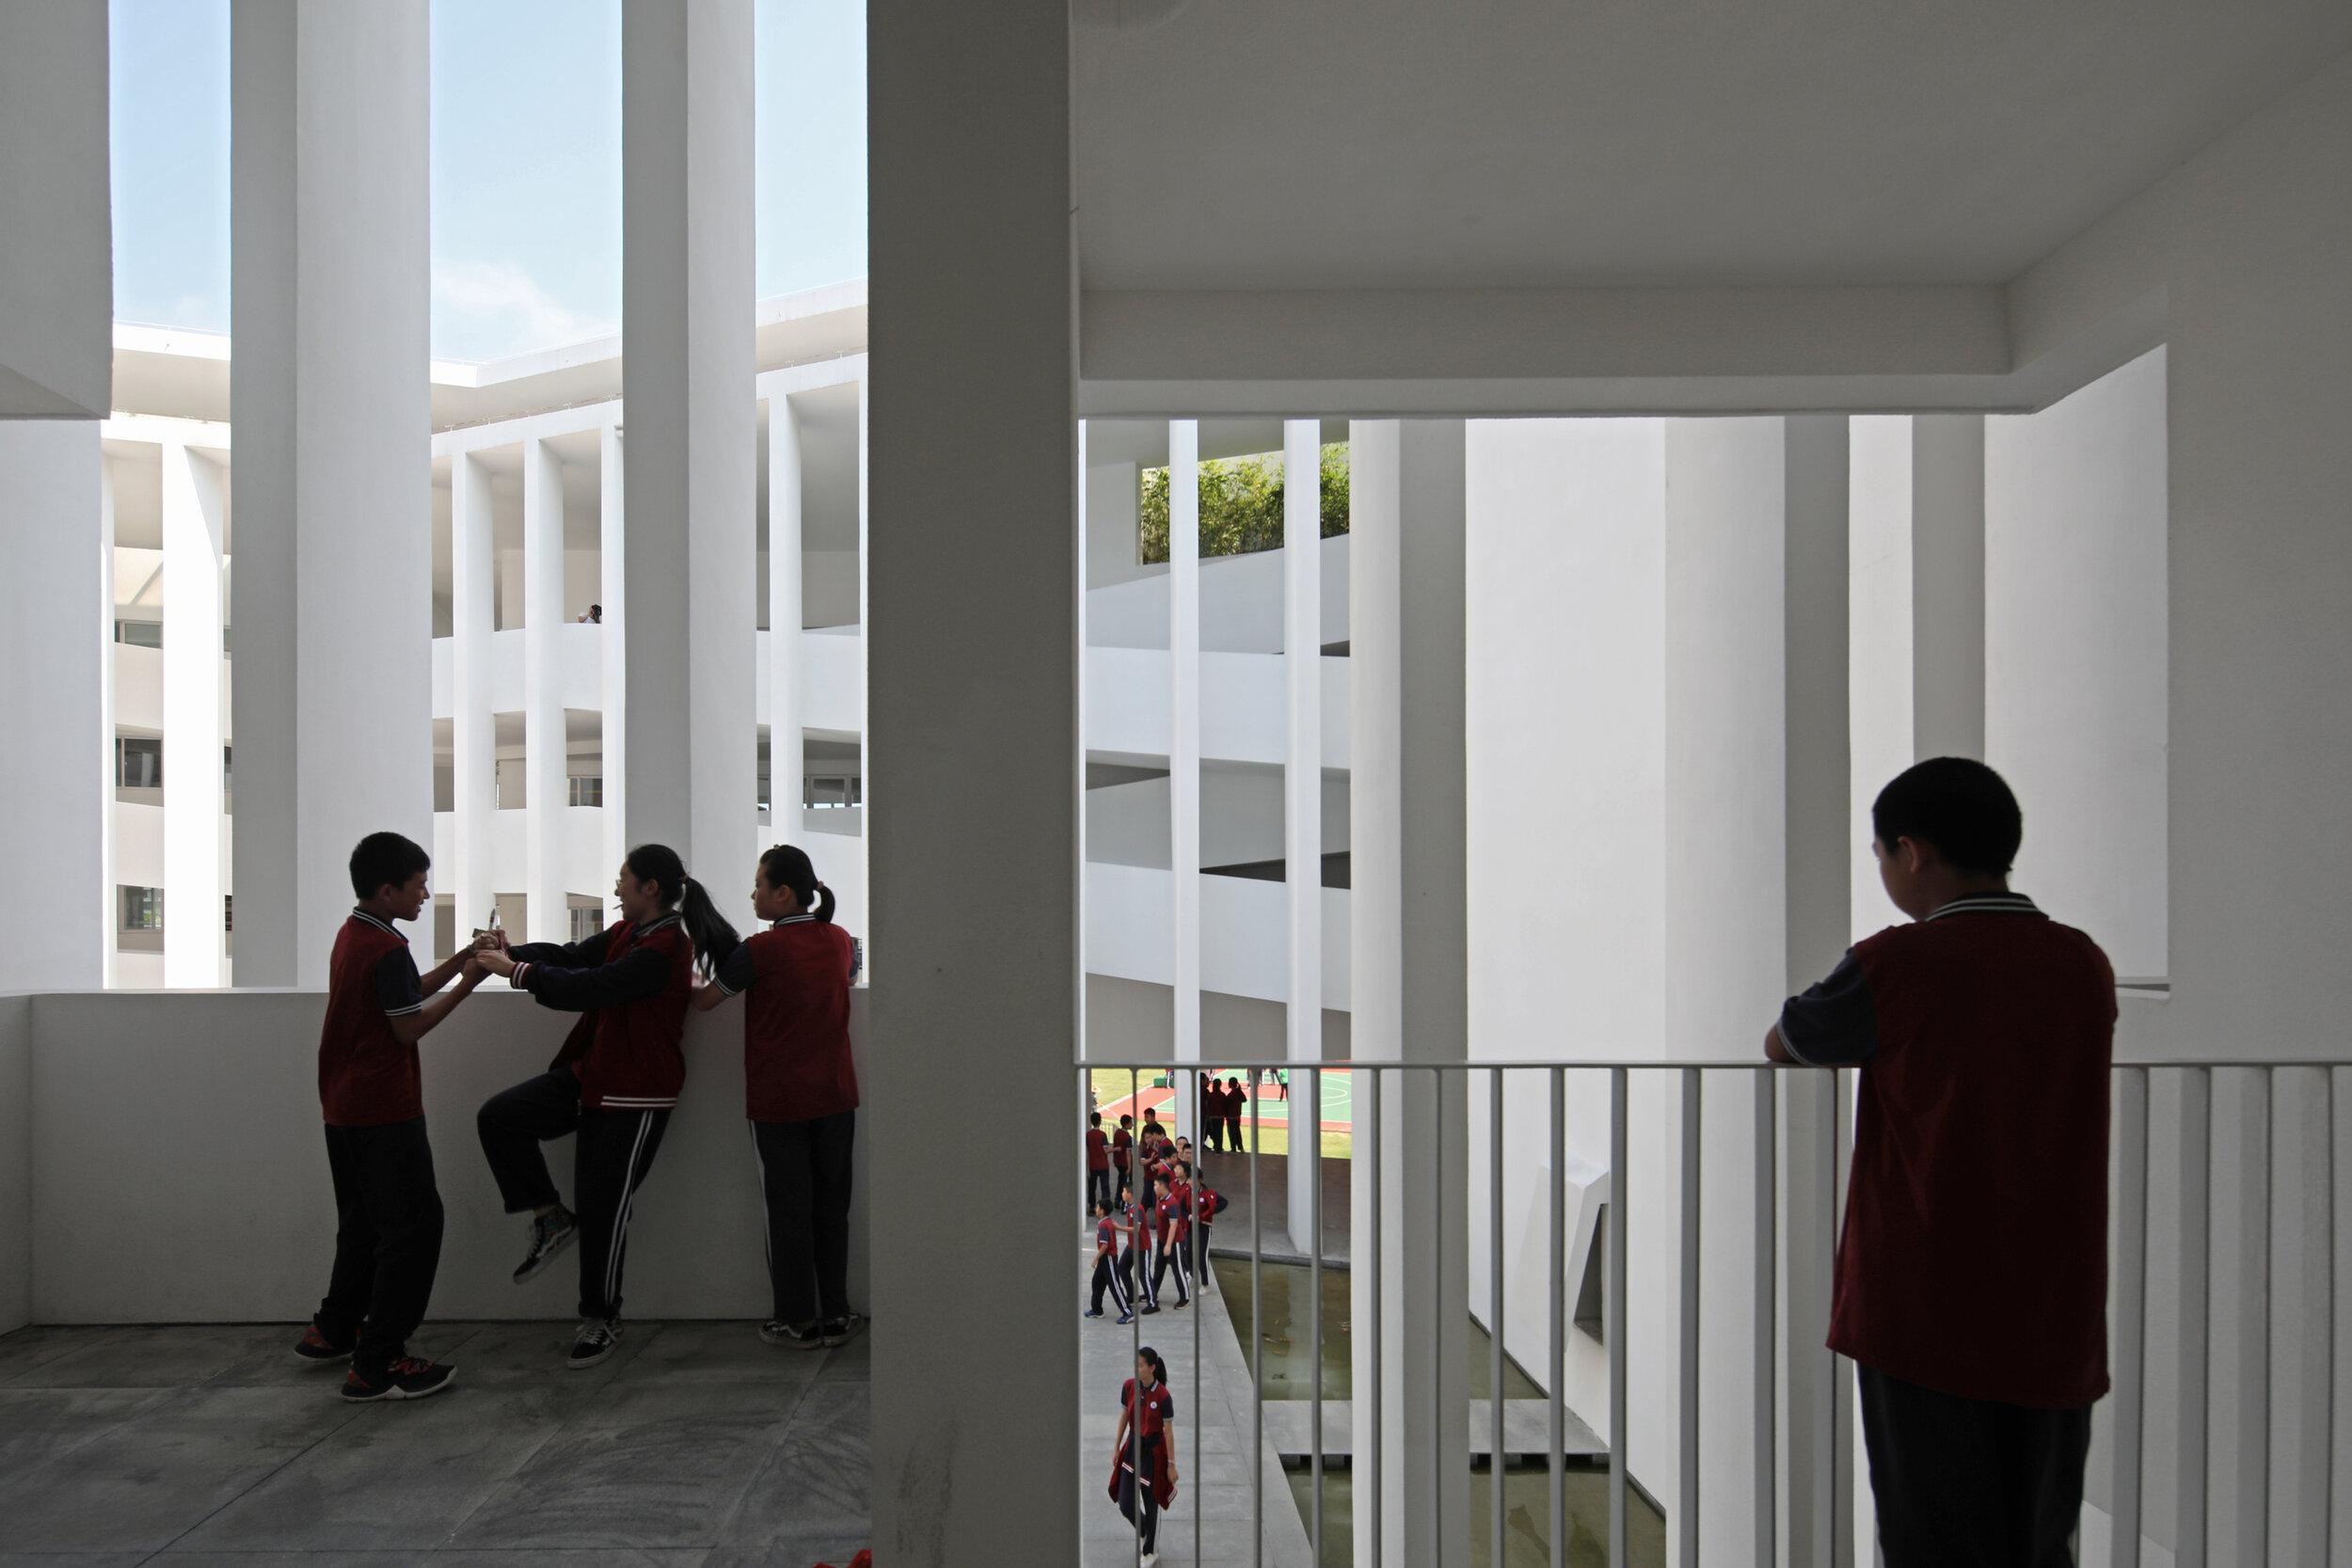 22 走廊聚會單元 ?是然建筑攝影 Corridor meeting place ?Schran Images.jpg